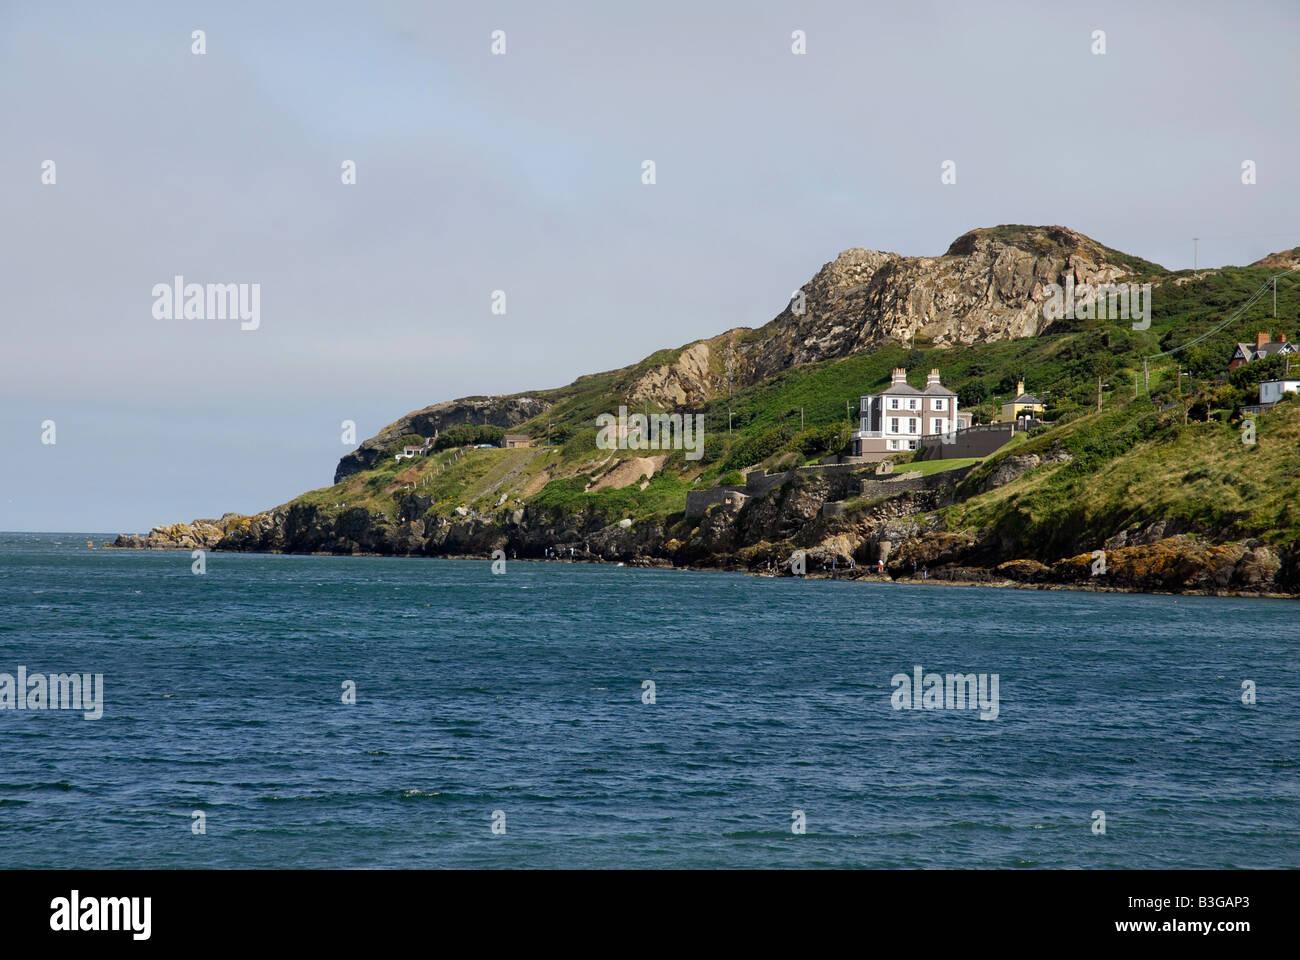 Howth Irish sea Co Dublin Ireland - Stock Image